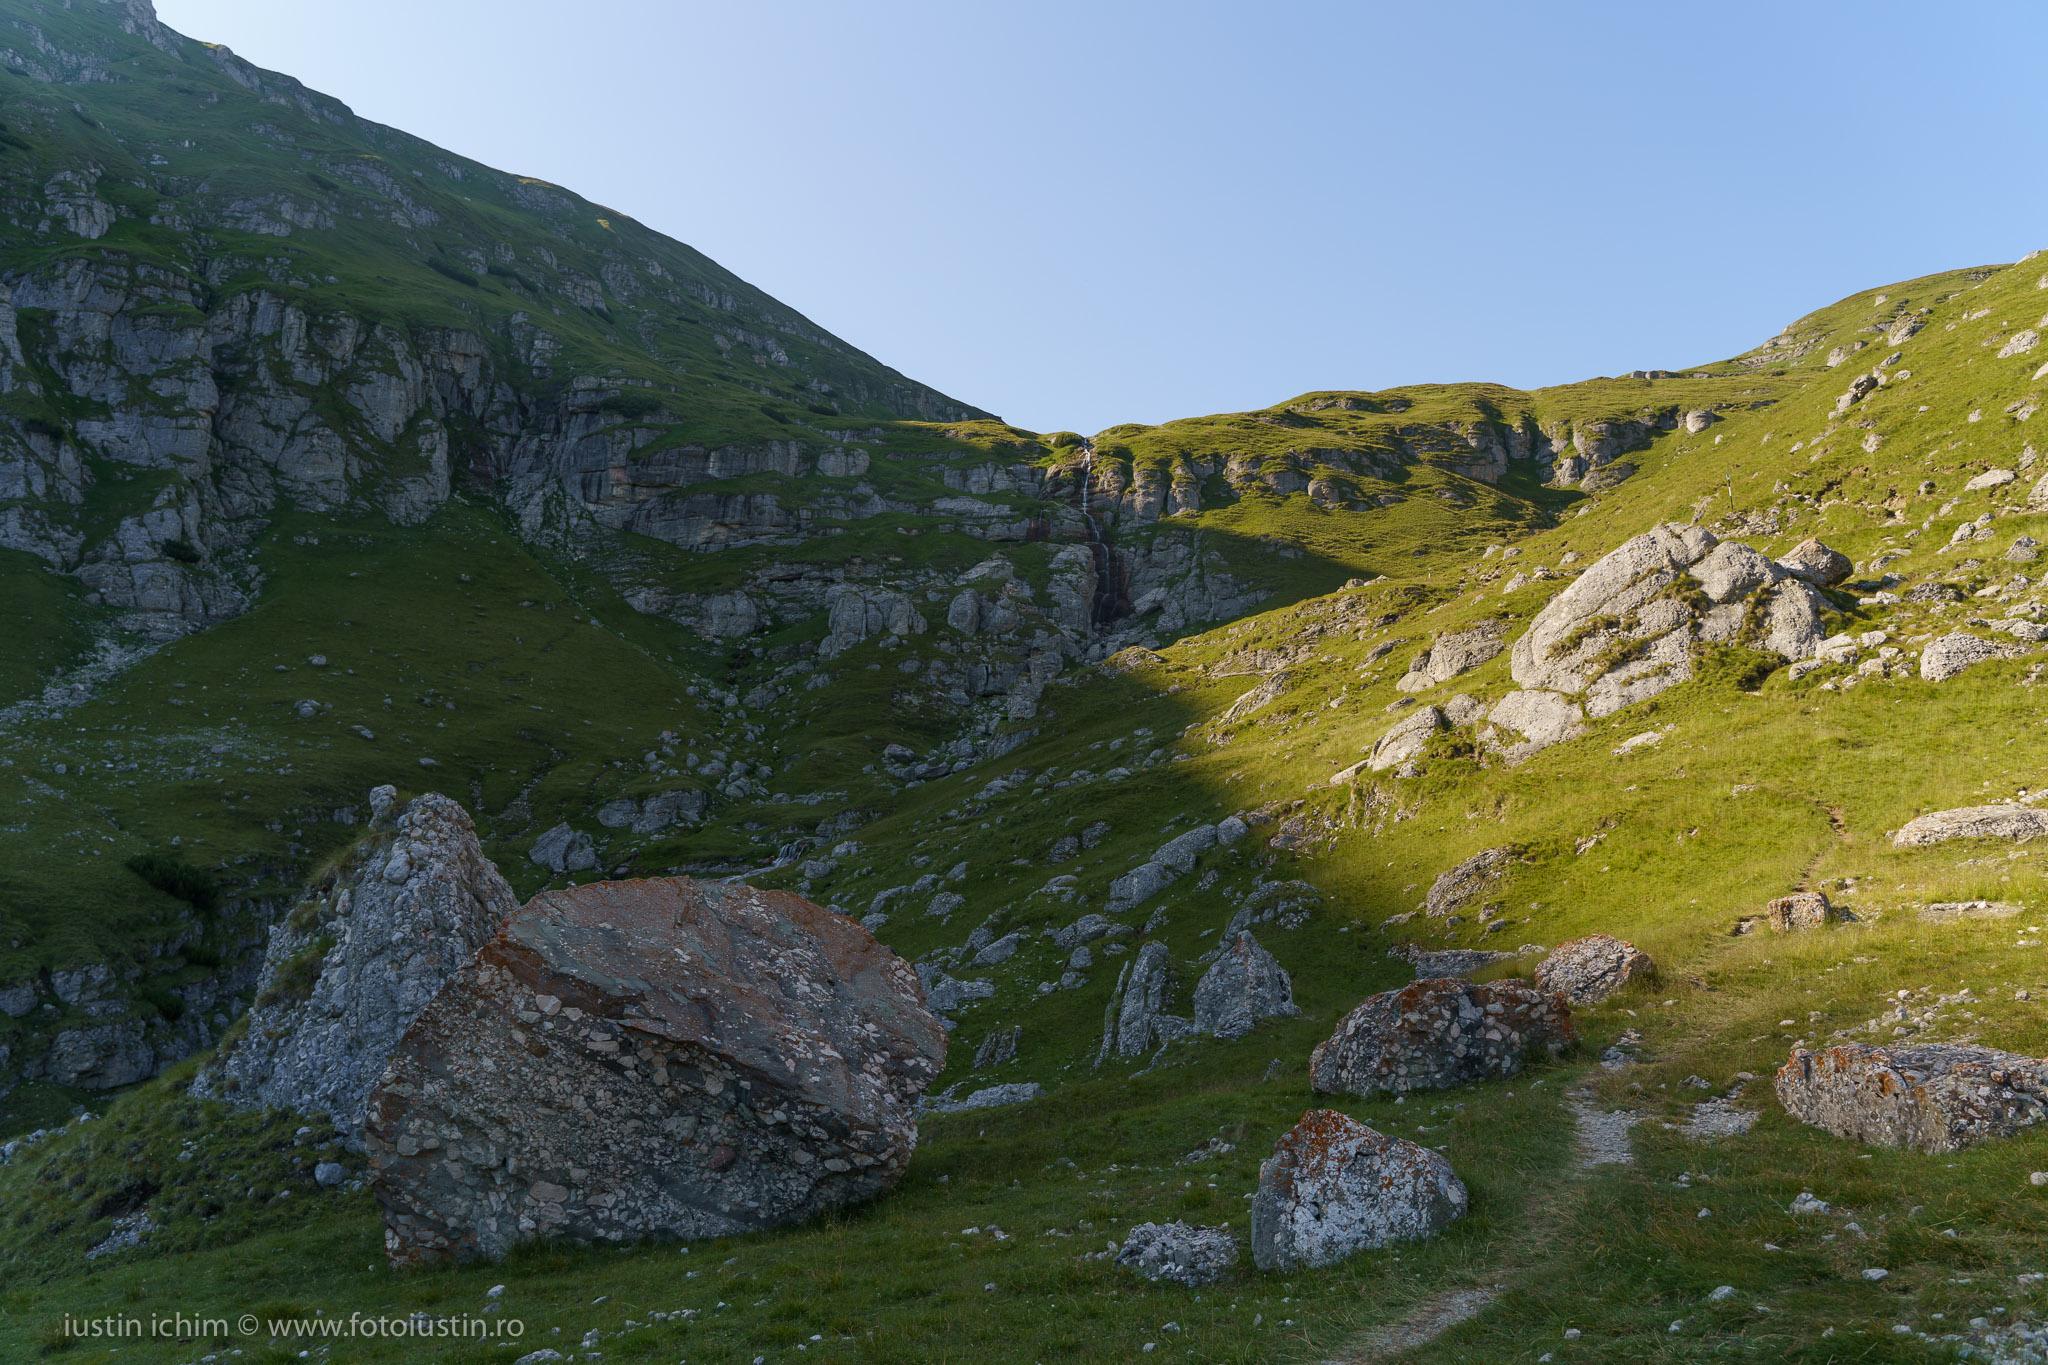 Valea Obârşia lalomiţei